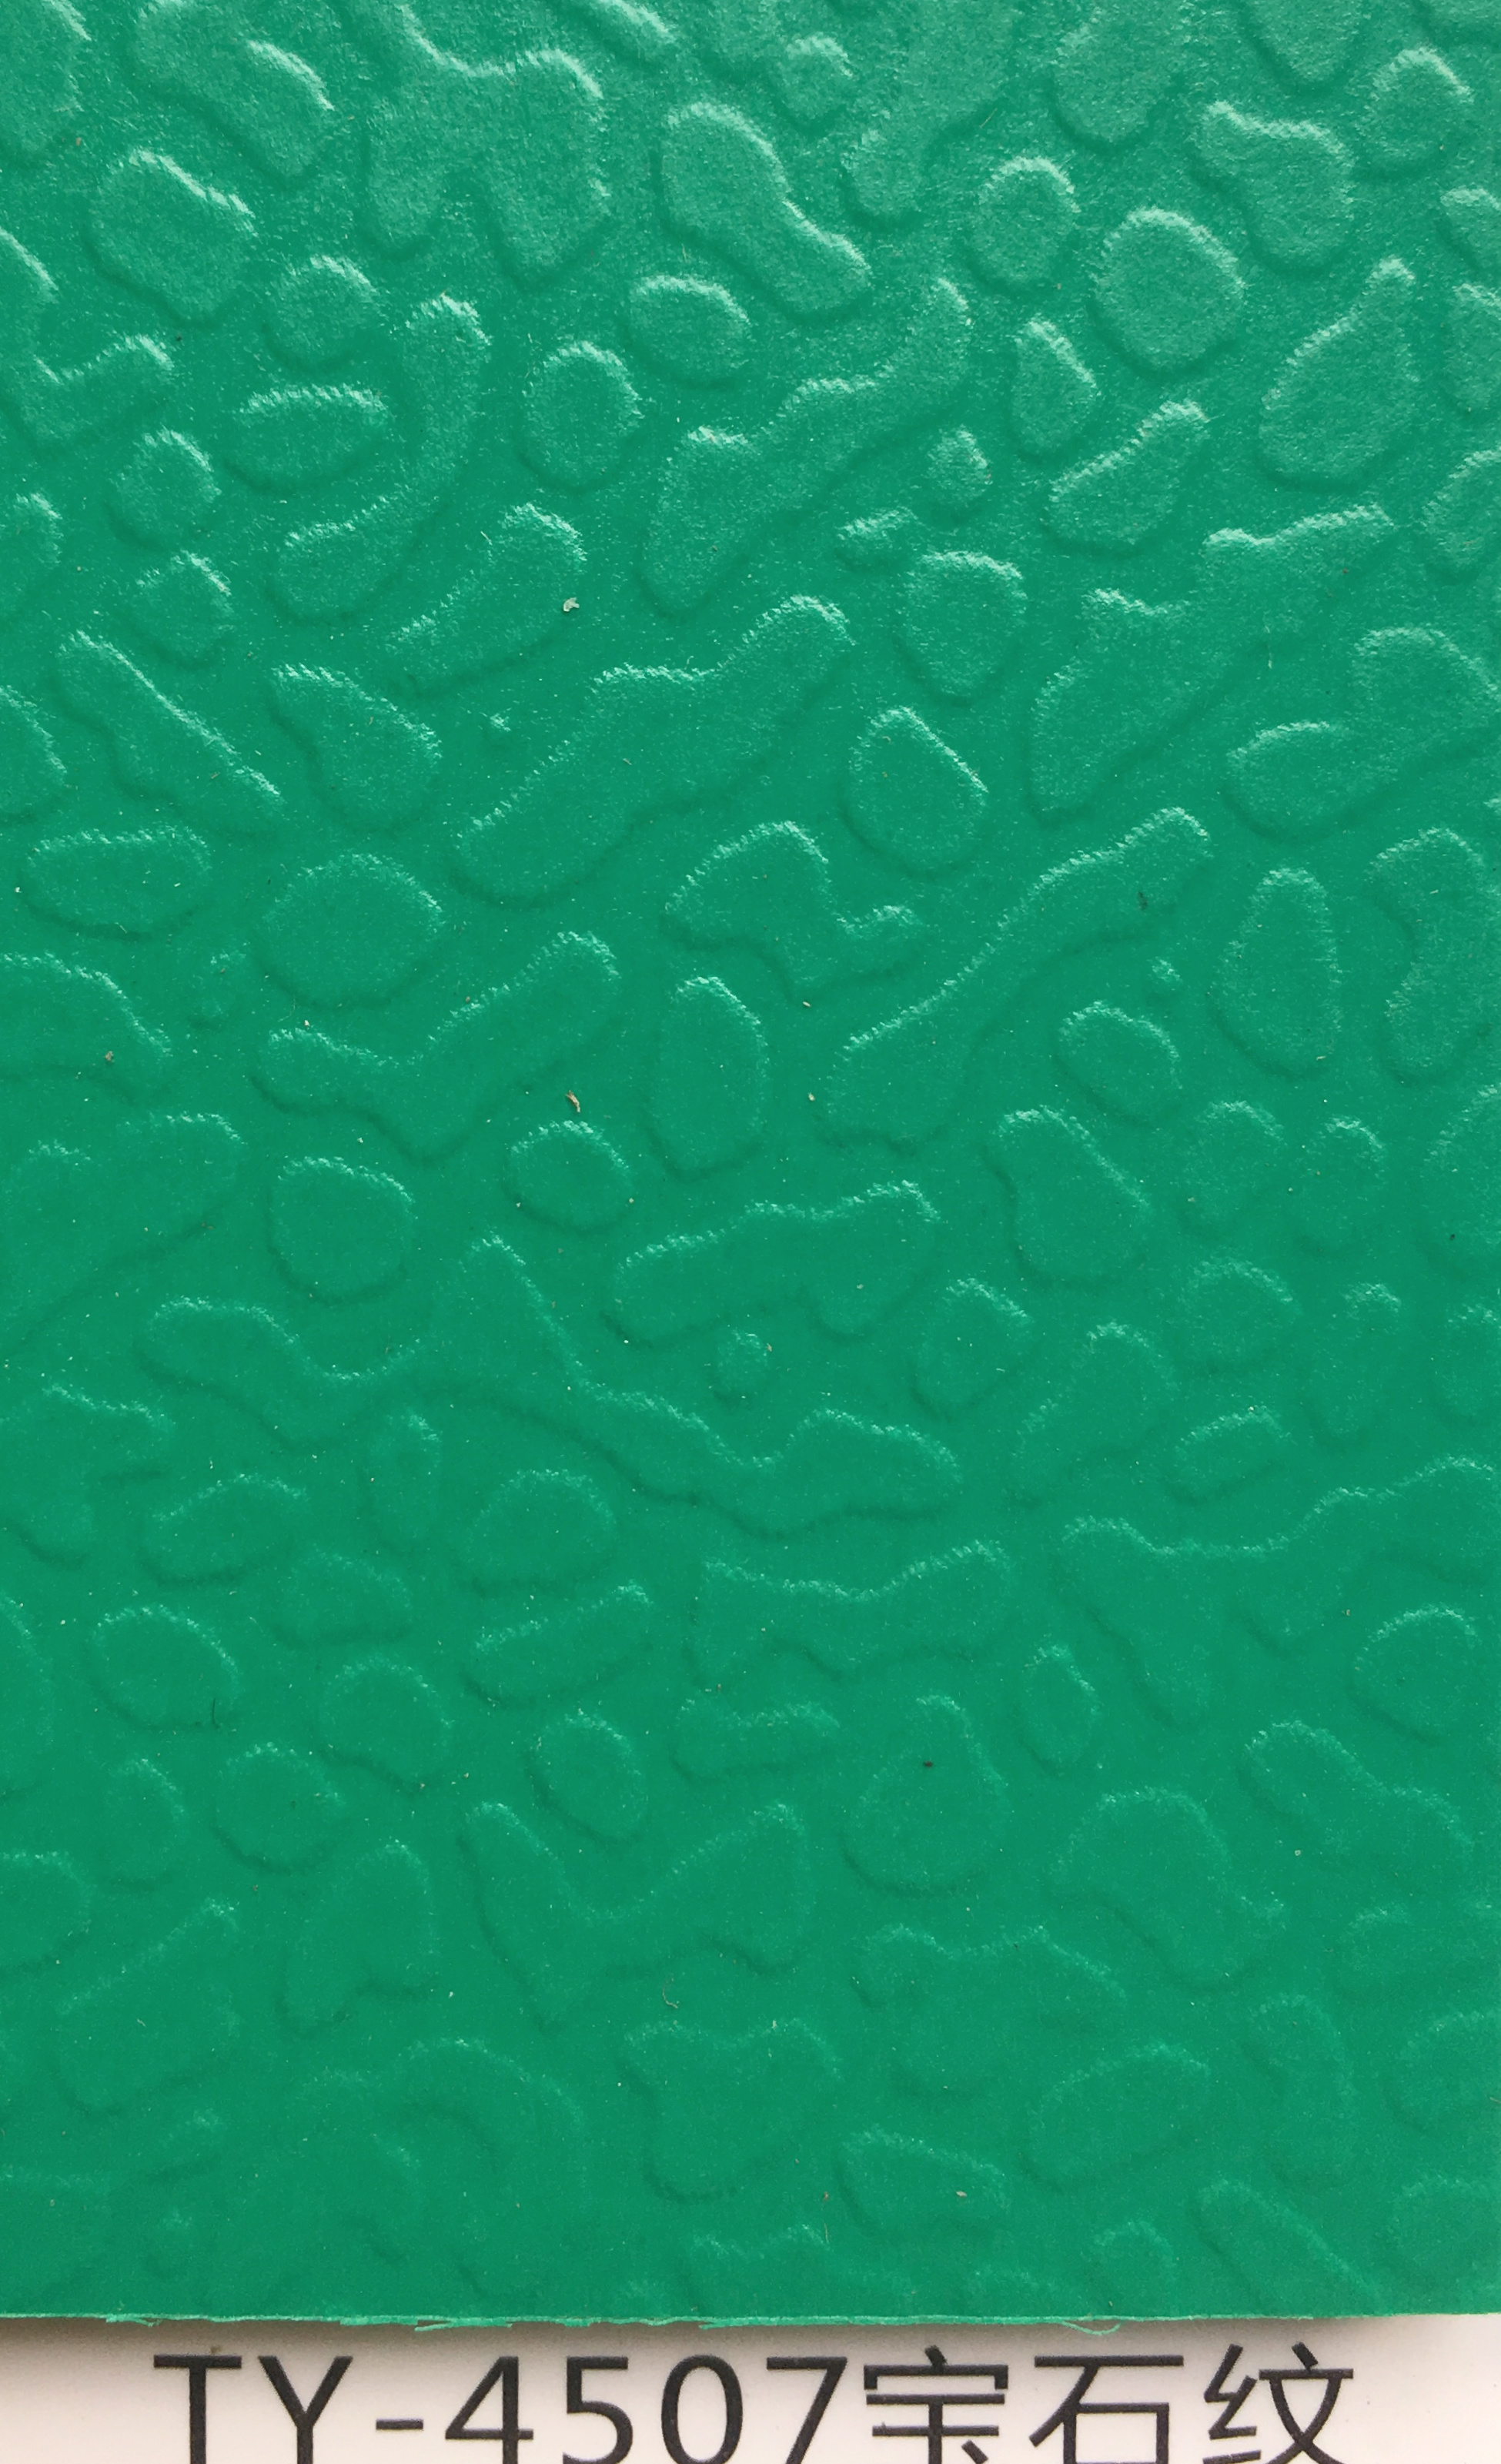 TY-4507宝石纹